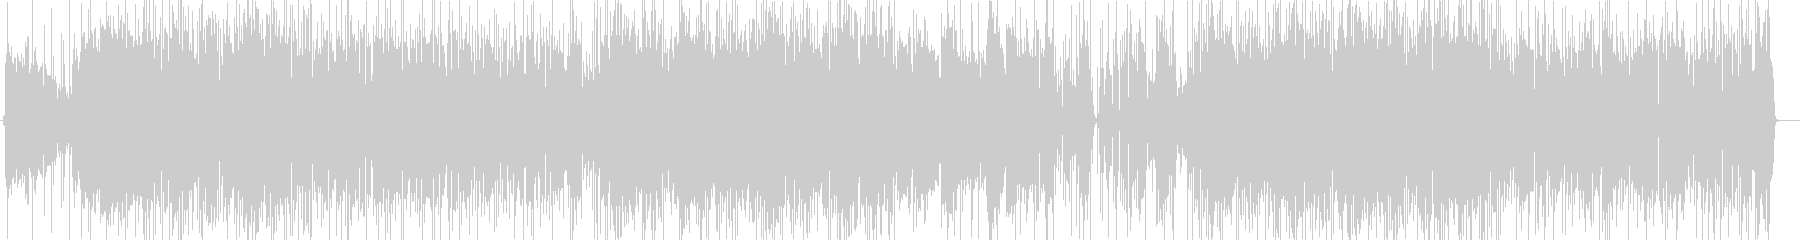 大人な雰囲気のアシッドジャズ2の未再生の波形